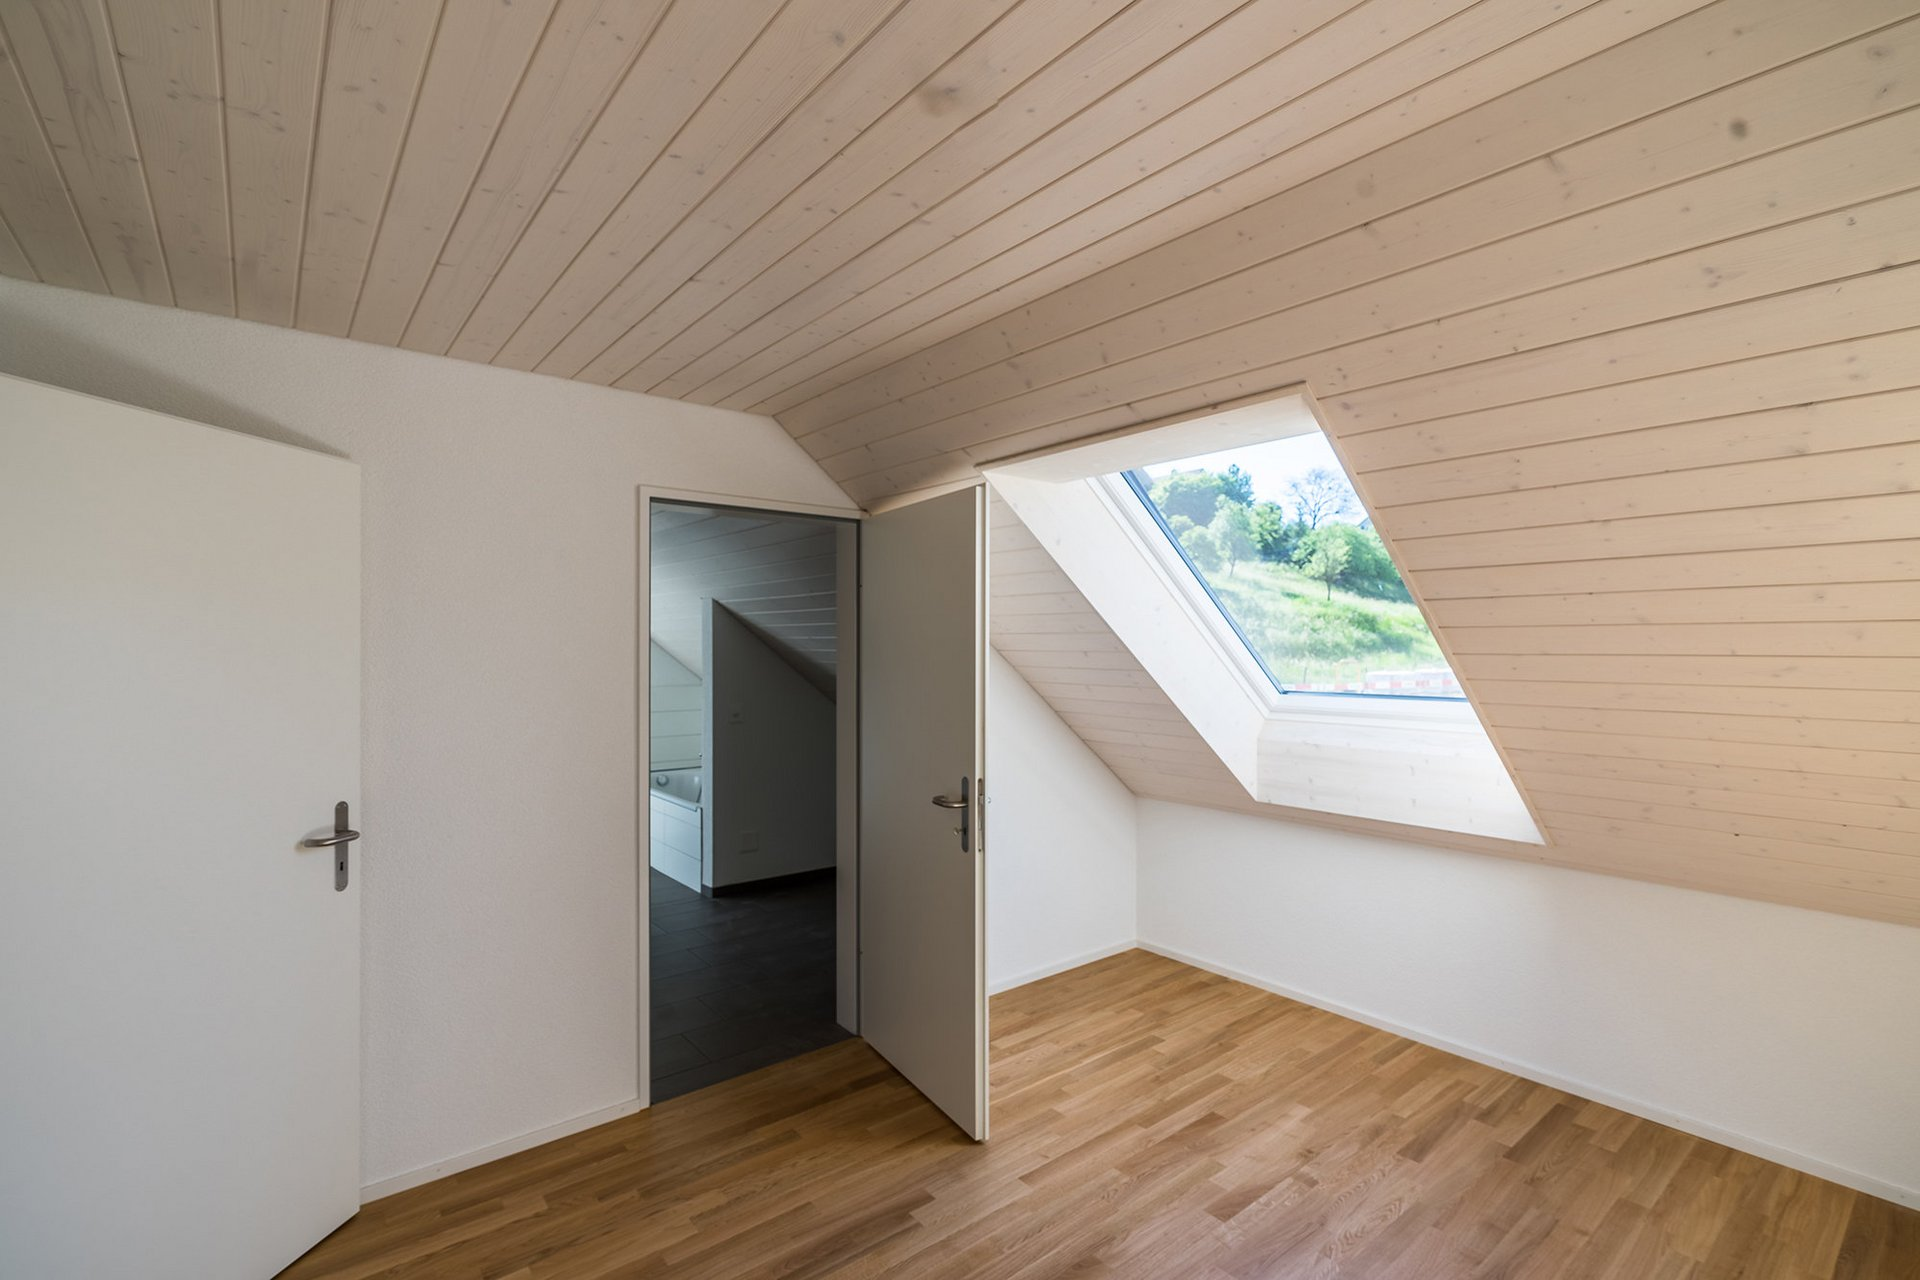 Wohnüberbauung Vite Zeiningen. Innenausbau mit Täfer.